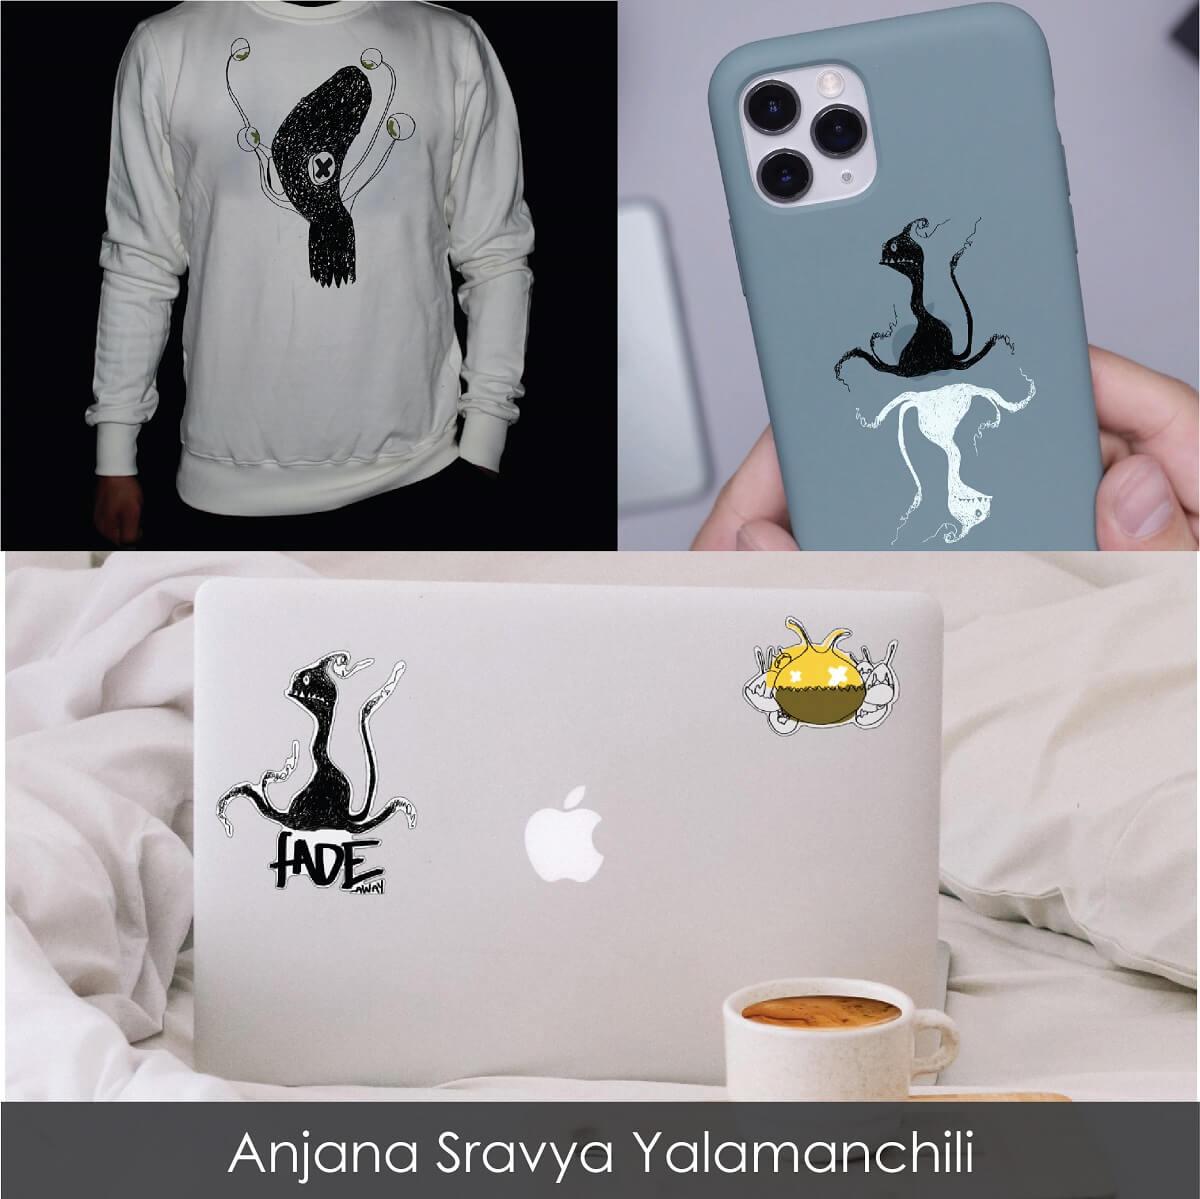 Student Work - Anjana Sravya Yalamanchili